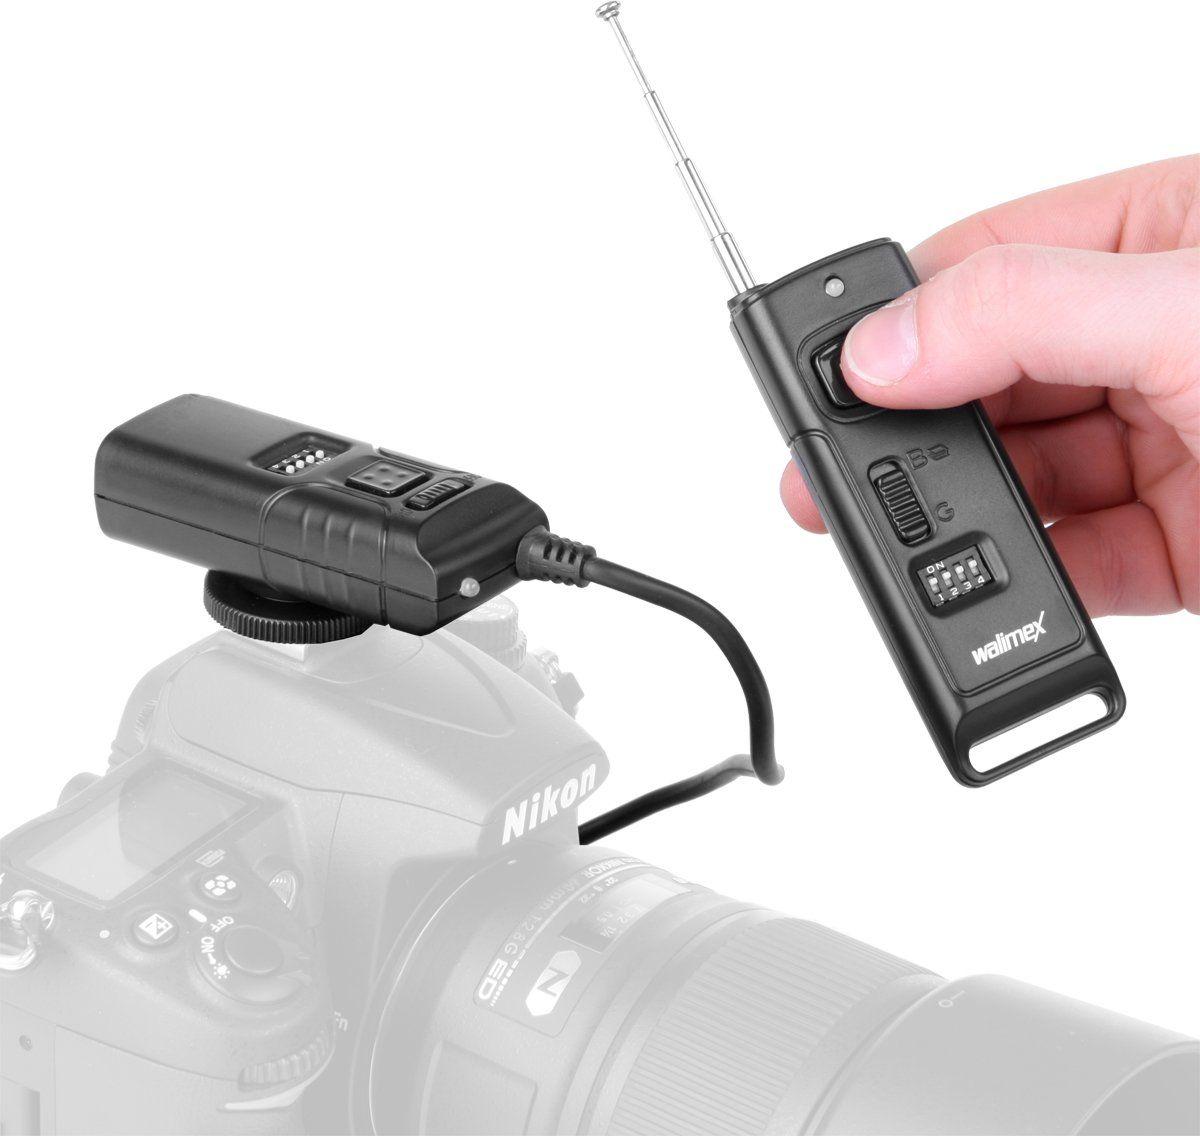 Walimex Pilot zdalnego wyzwalania migawki aparatu do Nikon N3